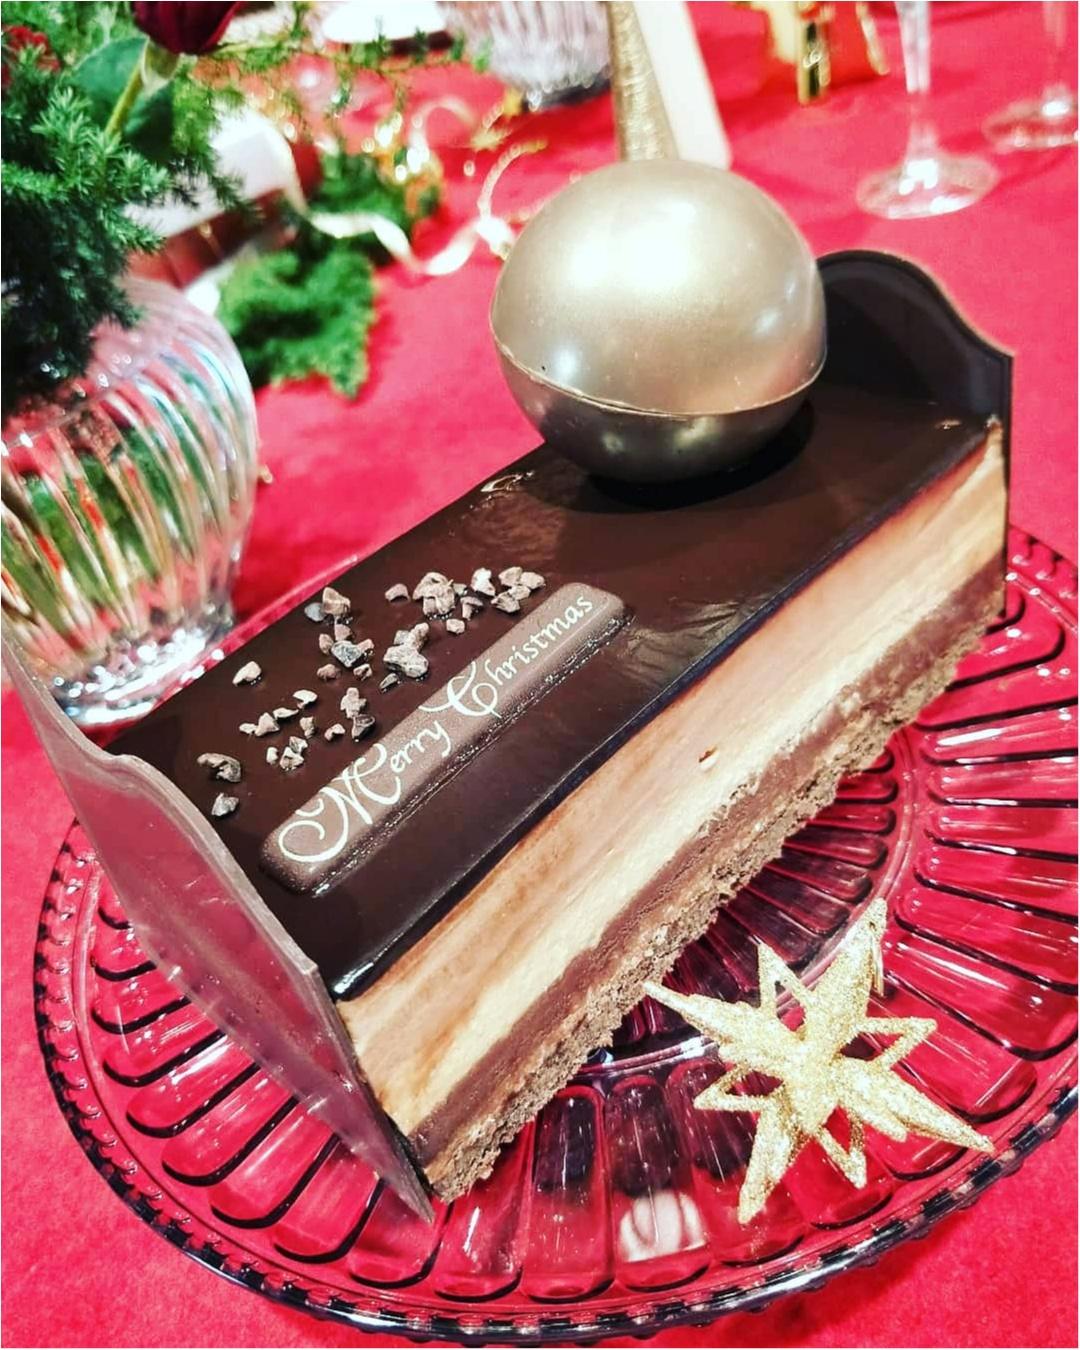 横浜チョコレート専門店「バニラビーンズ」のクリスマスケーキ試食会レポ♡_6